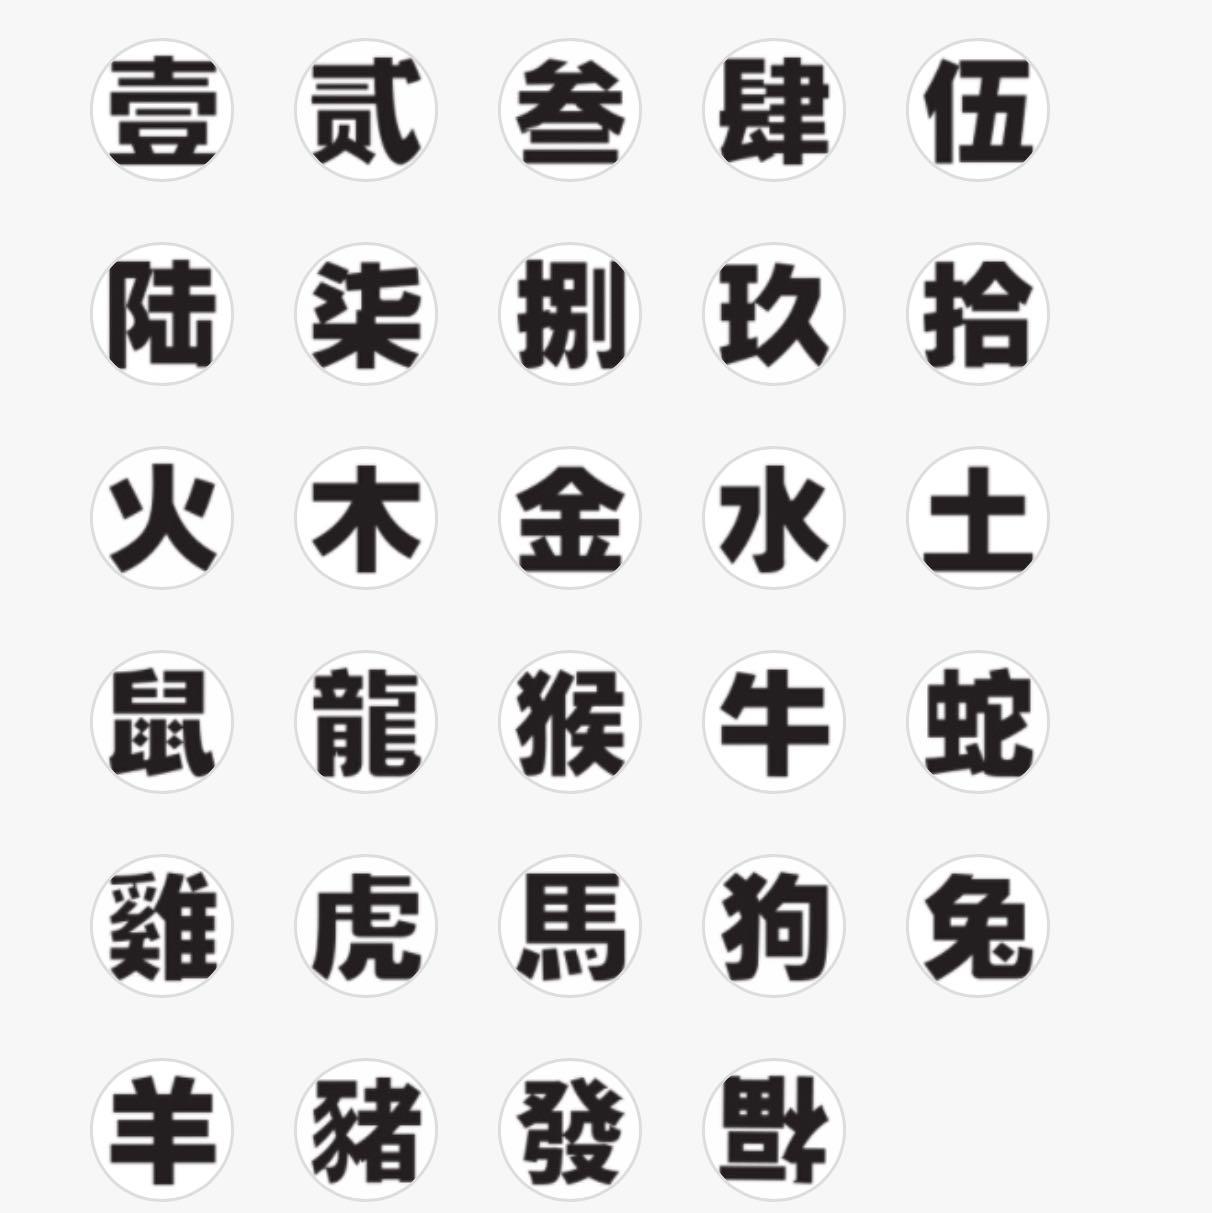 hallo ich habe eine frage zu chinesischen zeichen. Black Bedroom Furniture Sets. Home Design Ideas